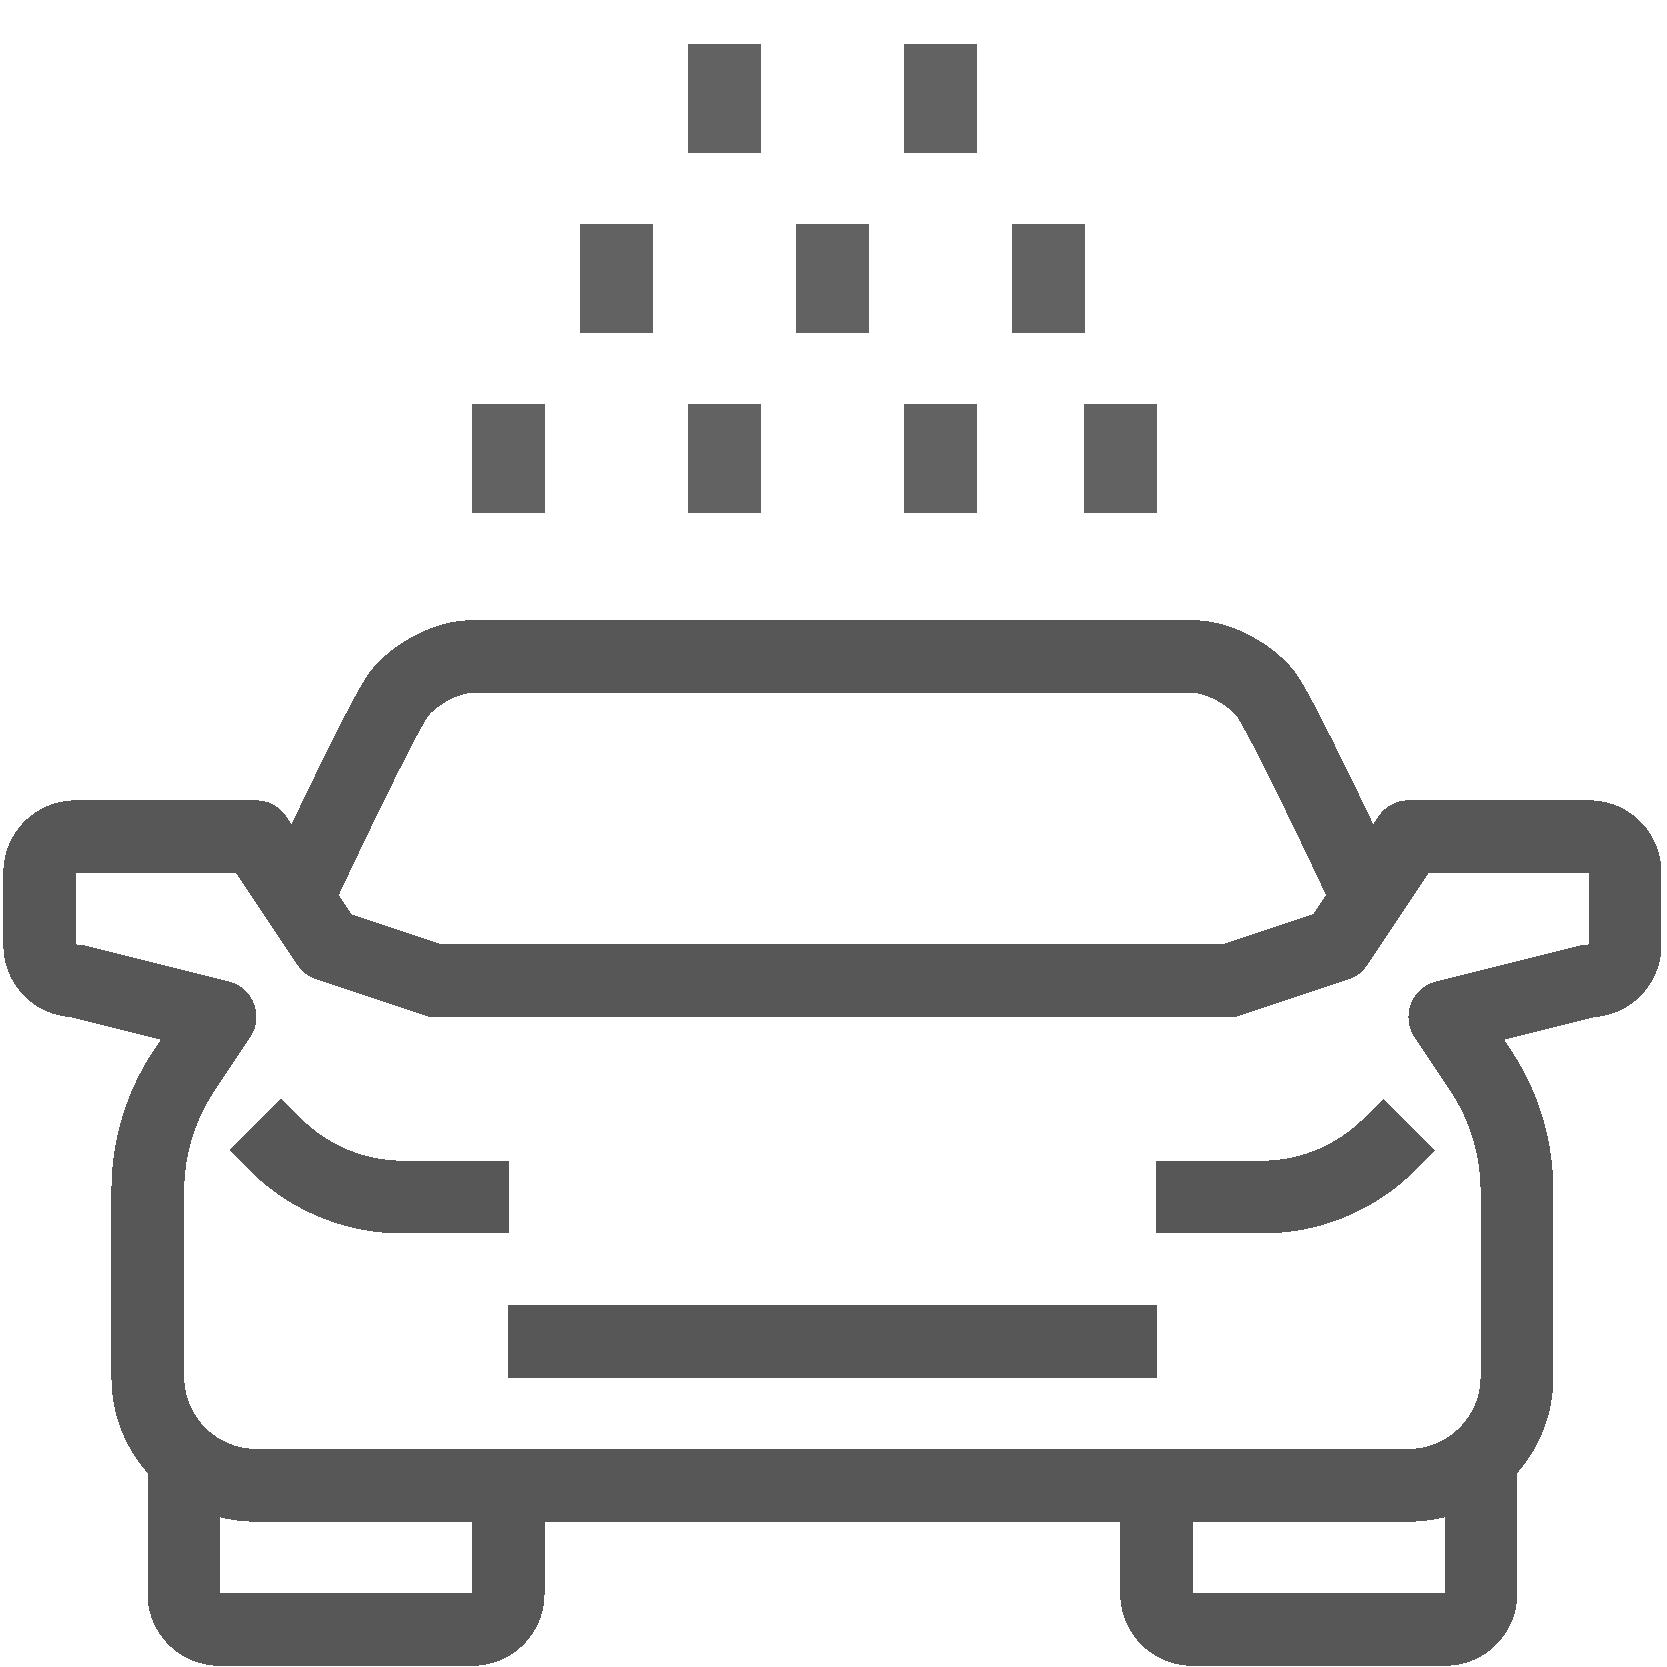 Illustriertes Cabrio, Icon für Verdeckreinigung, Leistungen von AutOptik.